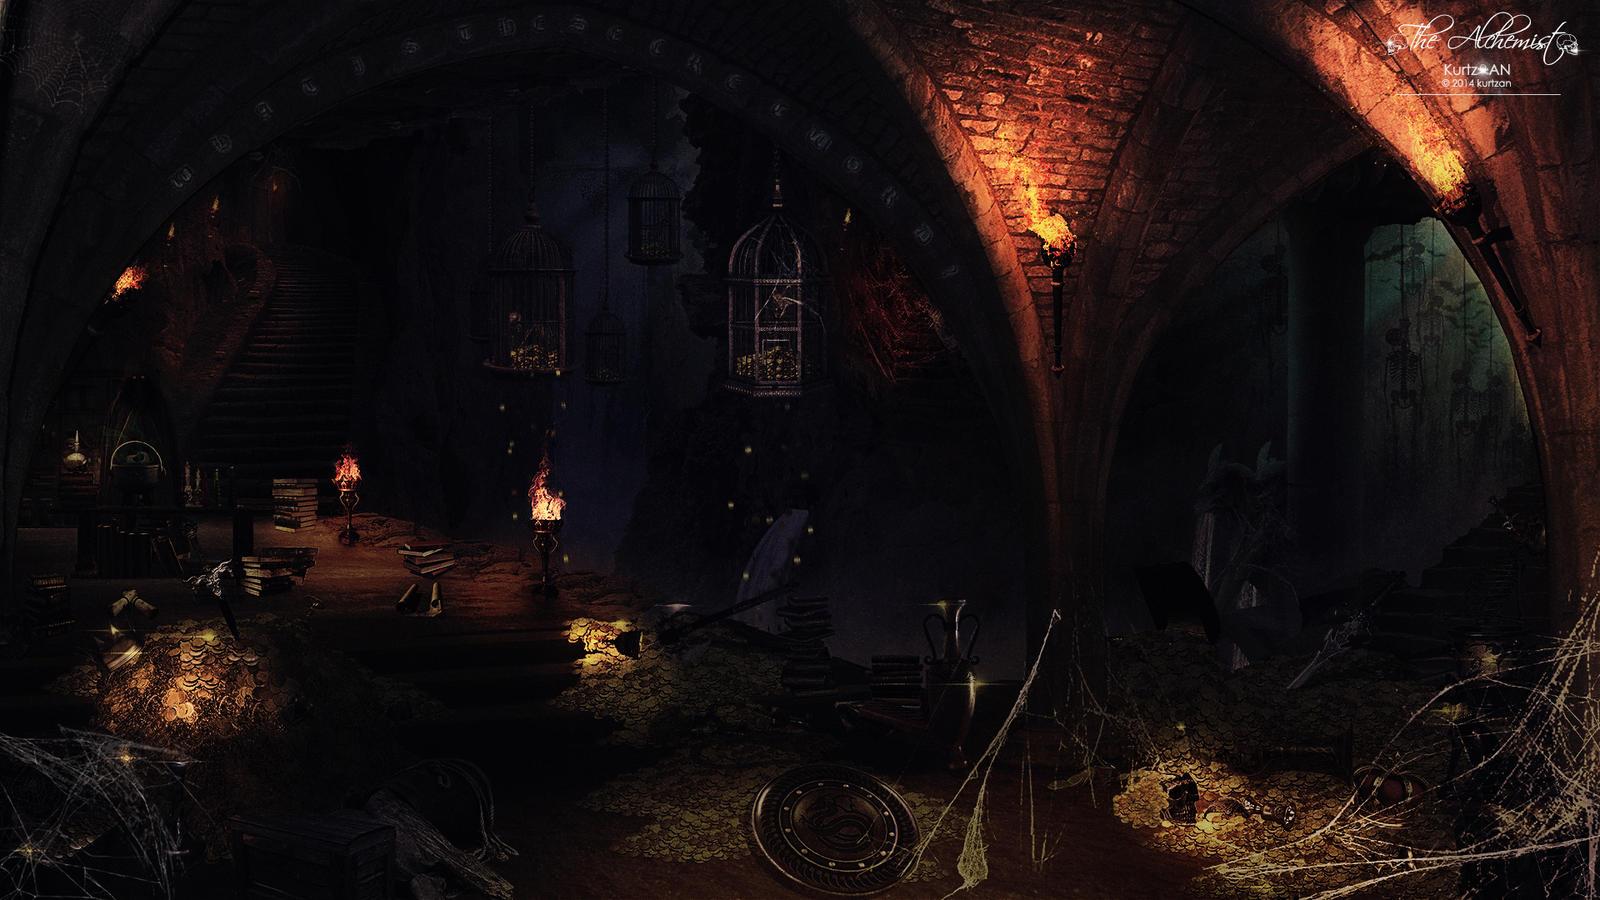 The Alchemist by Kurtzan